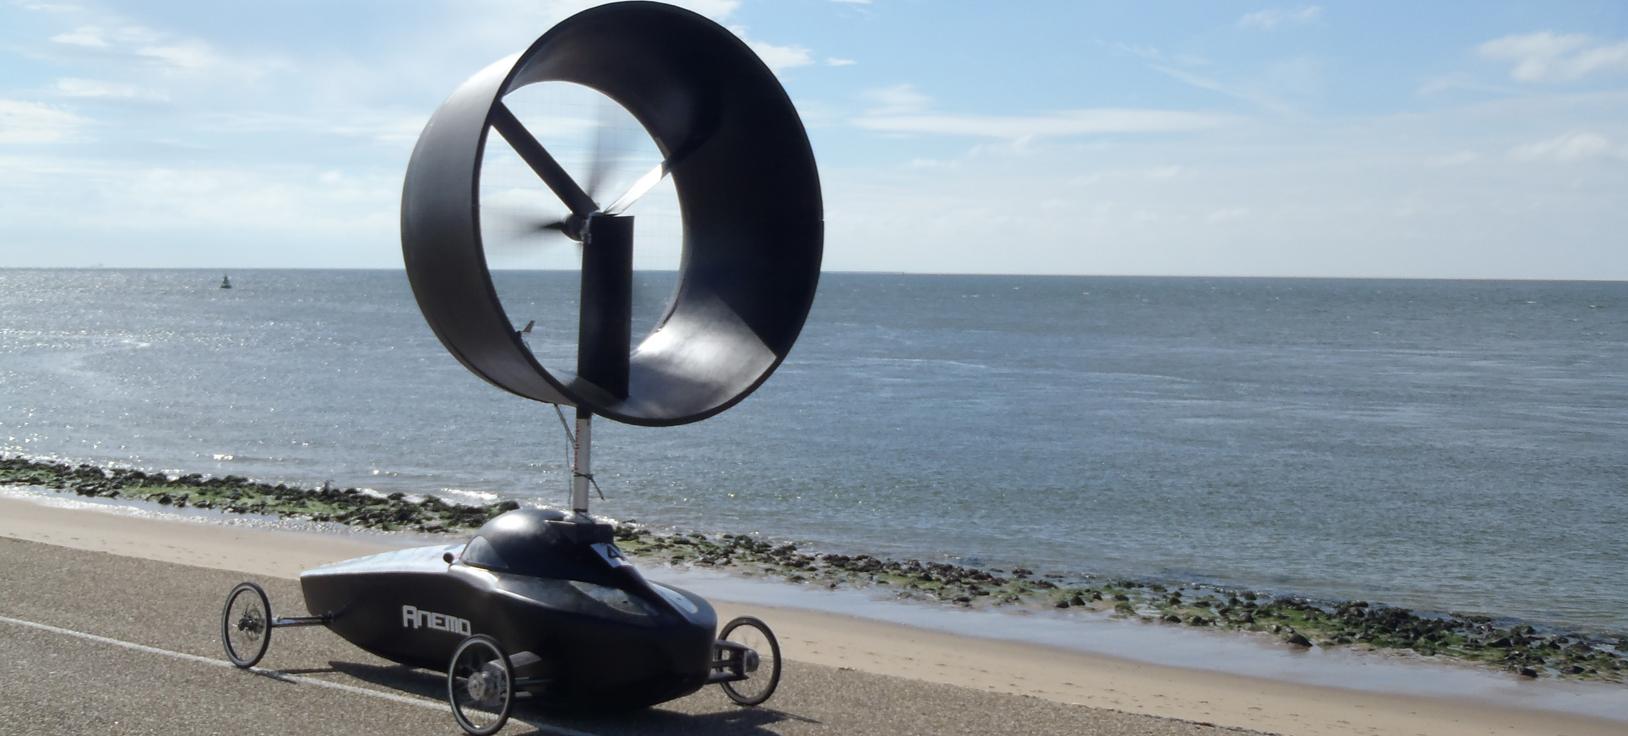 Windwagen-Anemo-III-in-Racing-Aeolus-2011.jpg